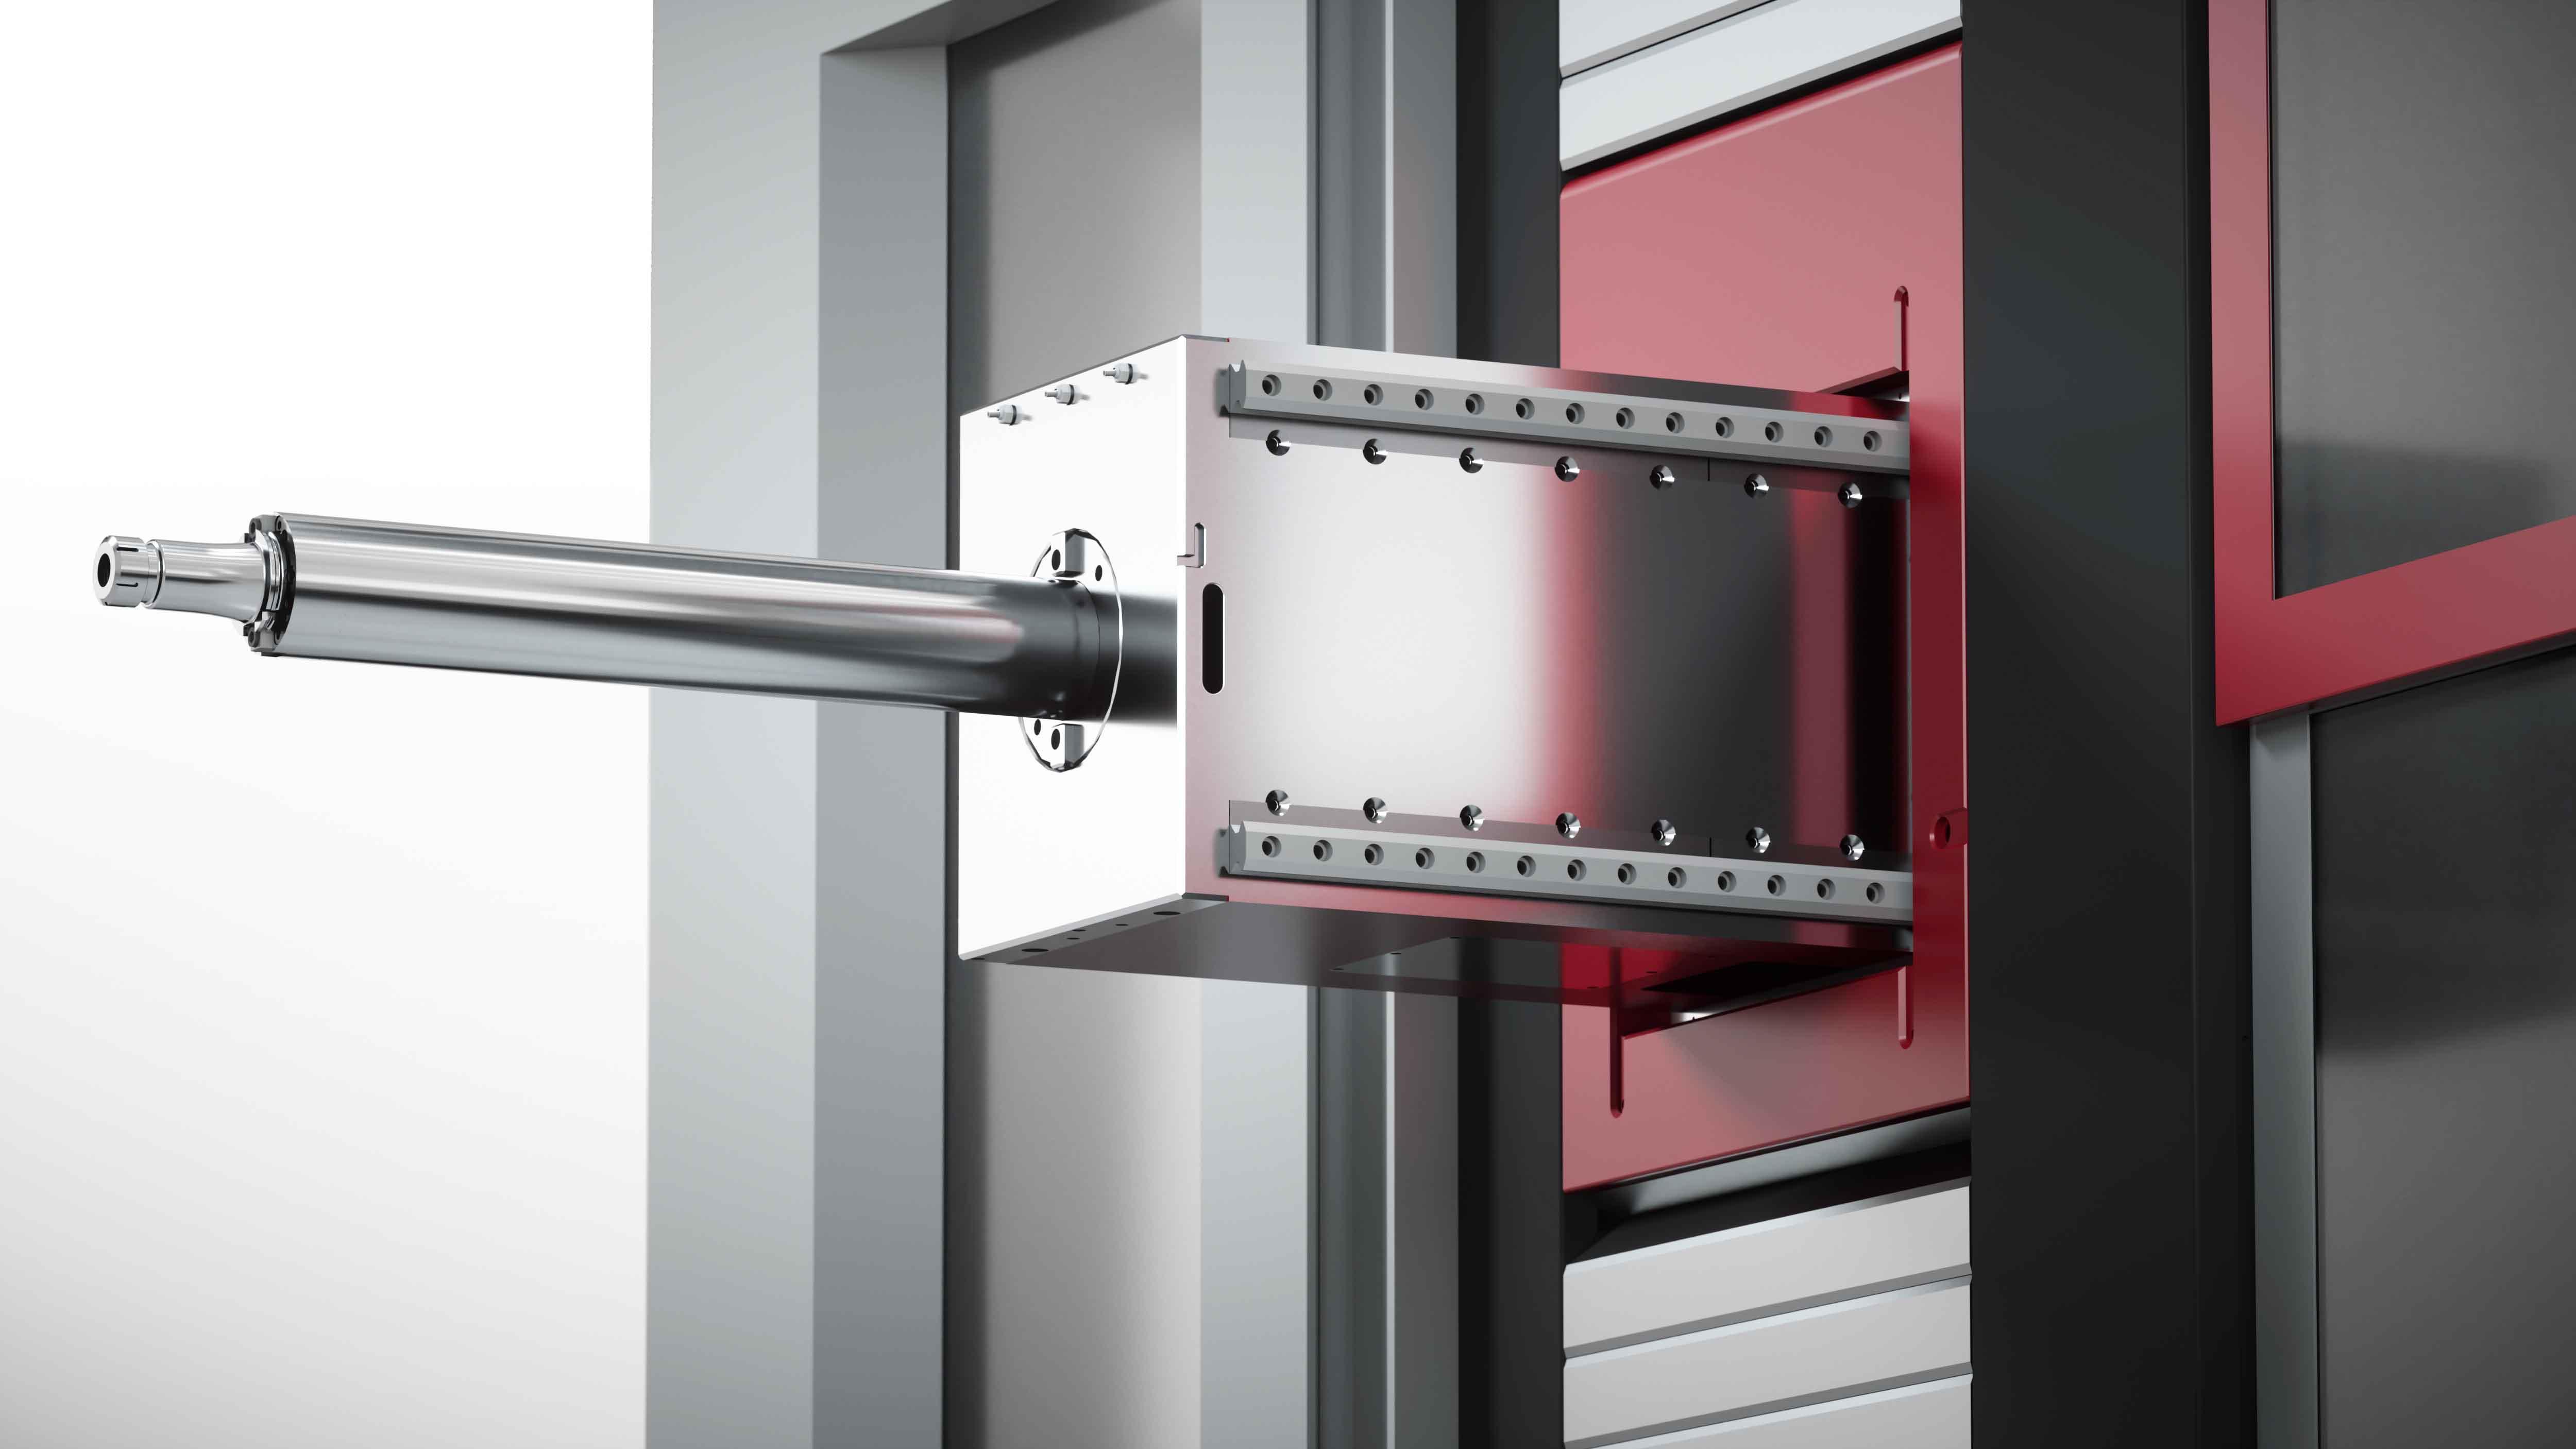 Centros de mecanizado multifunción SERIE MX-RAM - Mandrinadora-fresadora de cabezal central